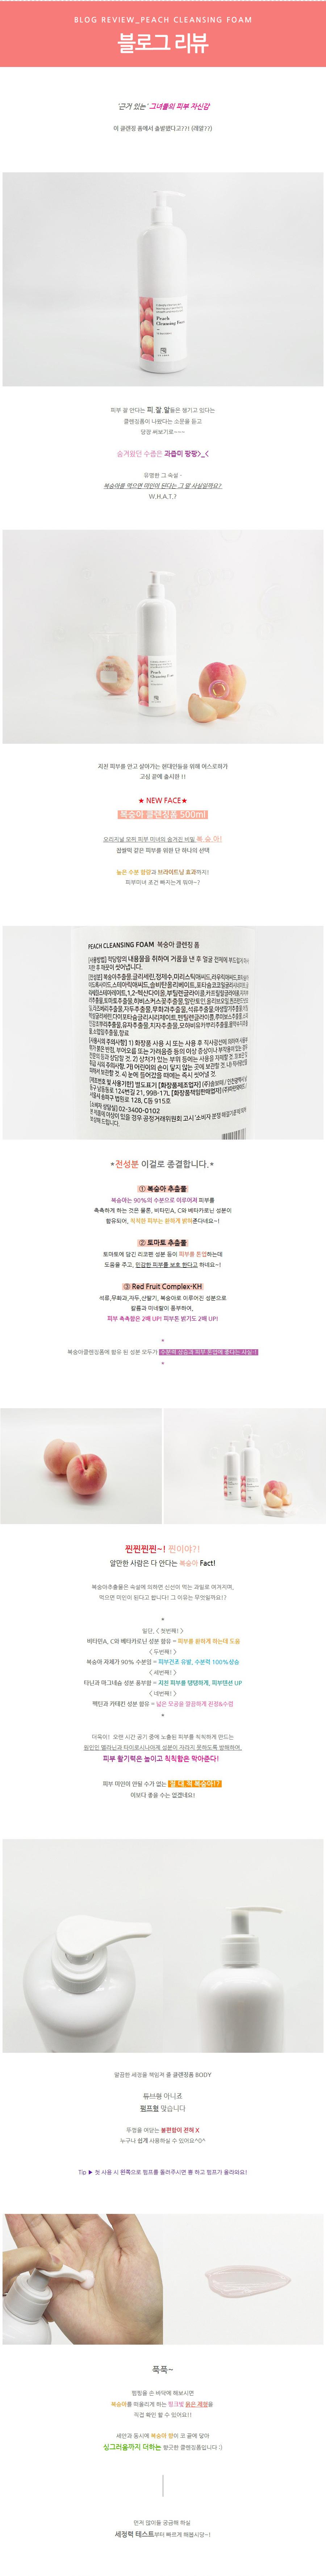 과즙미폭탄 대용량 복숭아 클렌징 폼 & 오일 2종 세트 - 어스로하, 23,500원, 클렌징, 클렌징워터